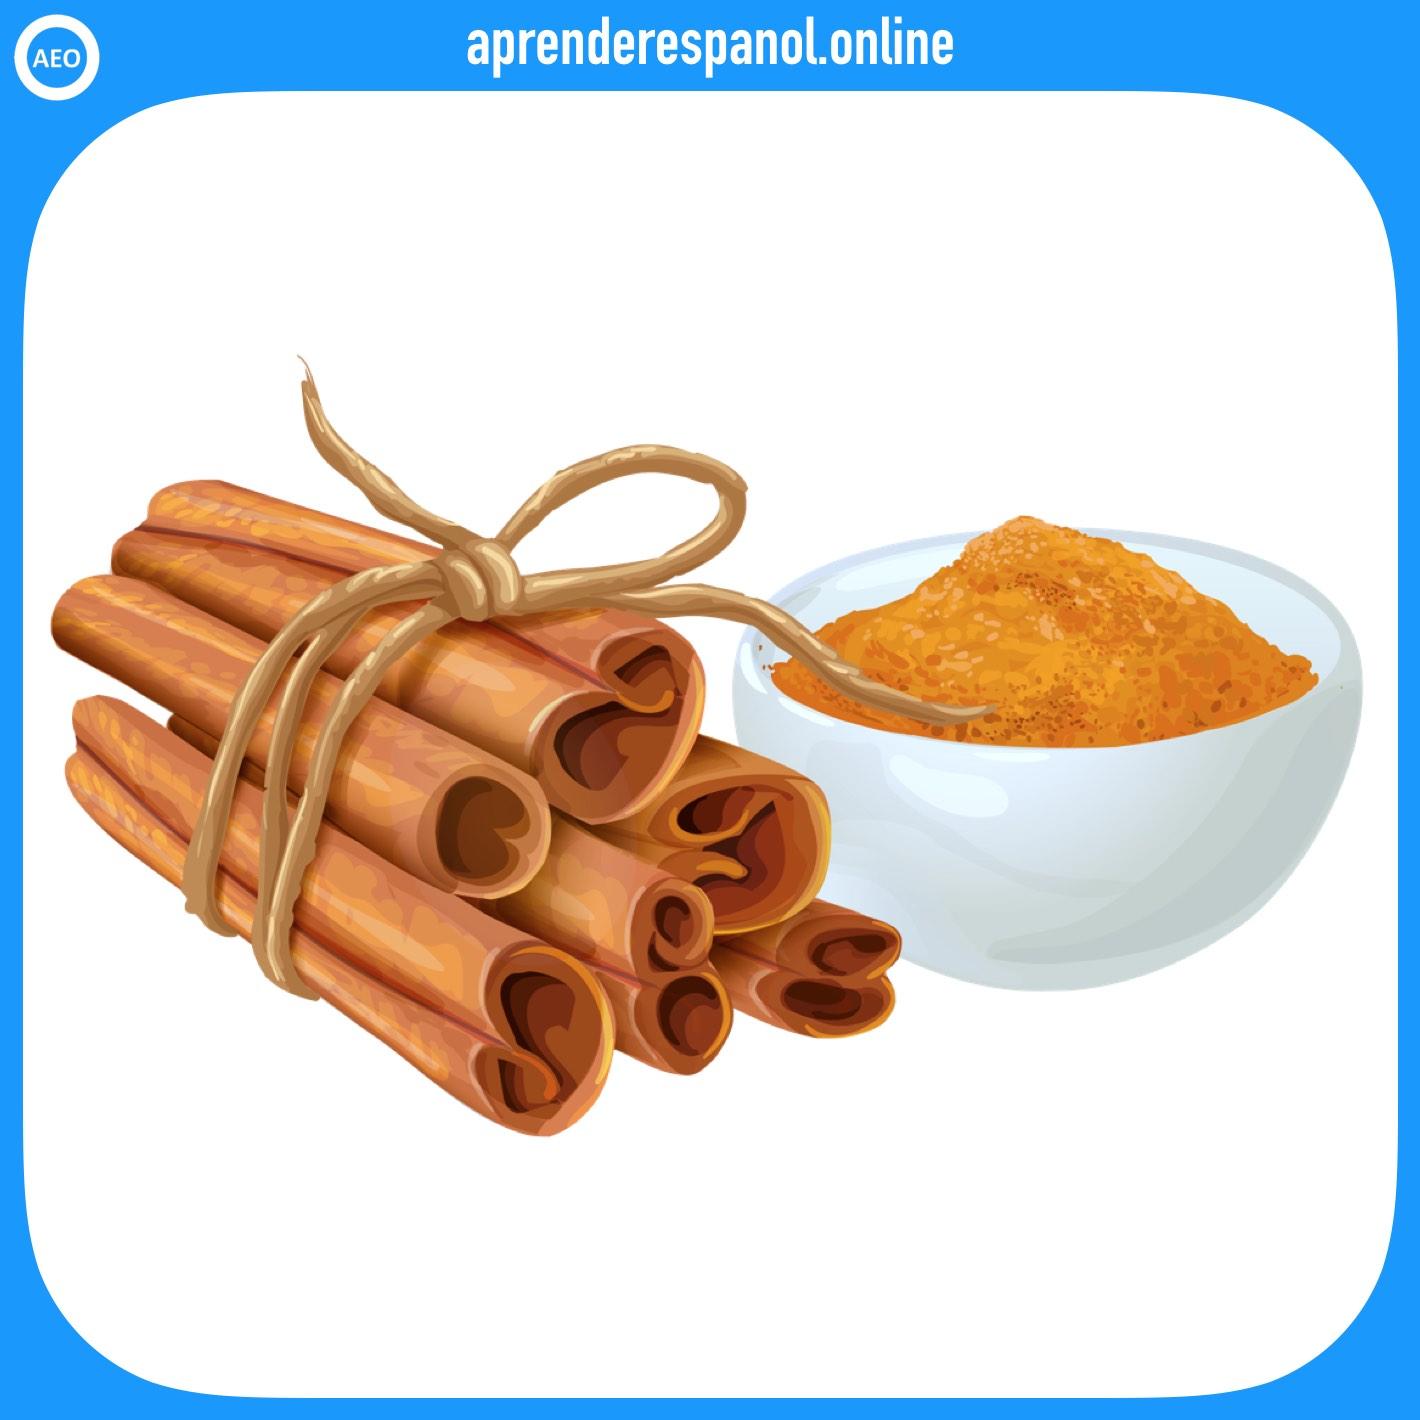 canela   alimentos en español   vocabulario de los alimentos en español